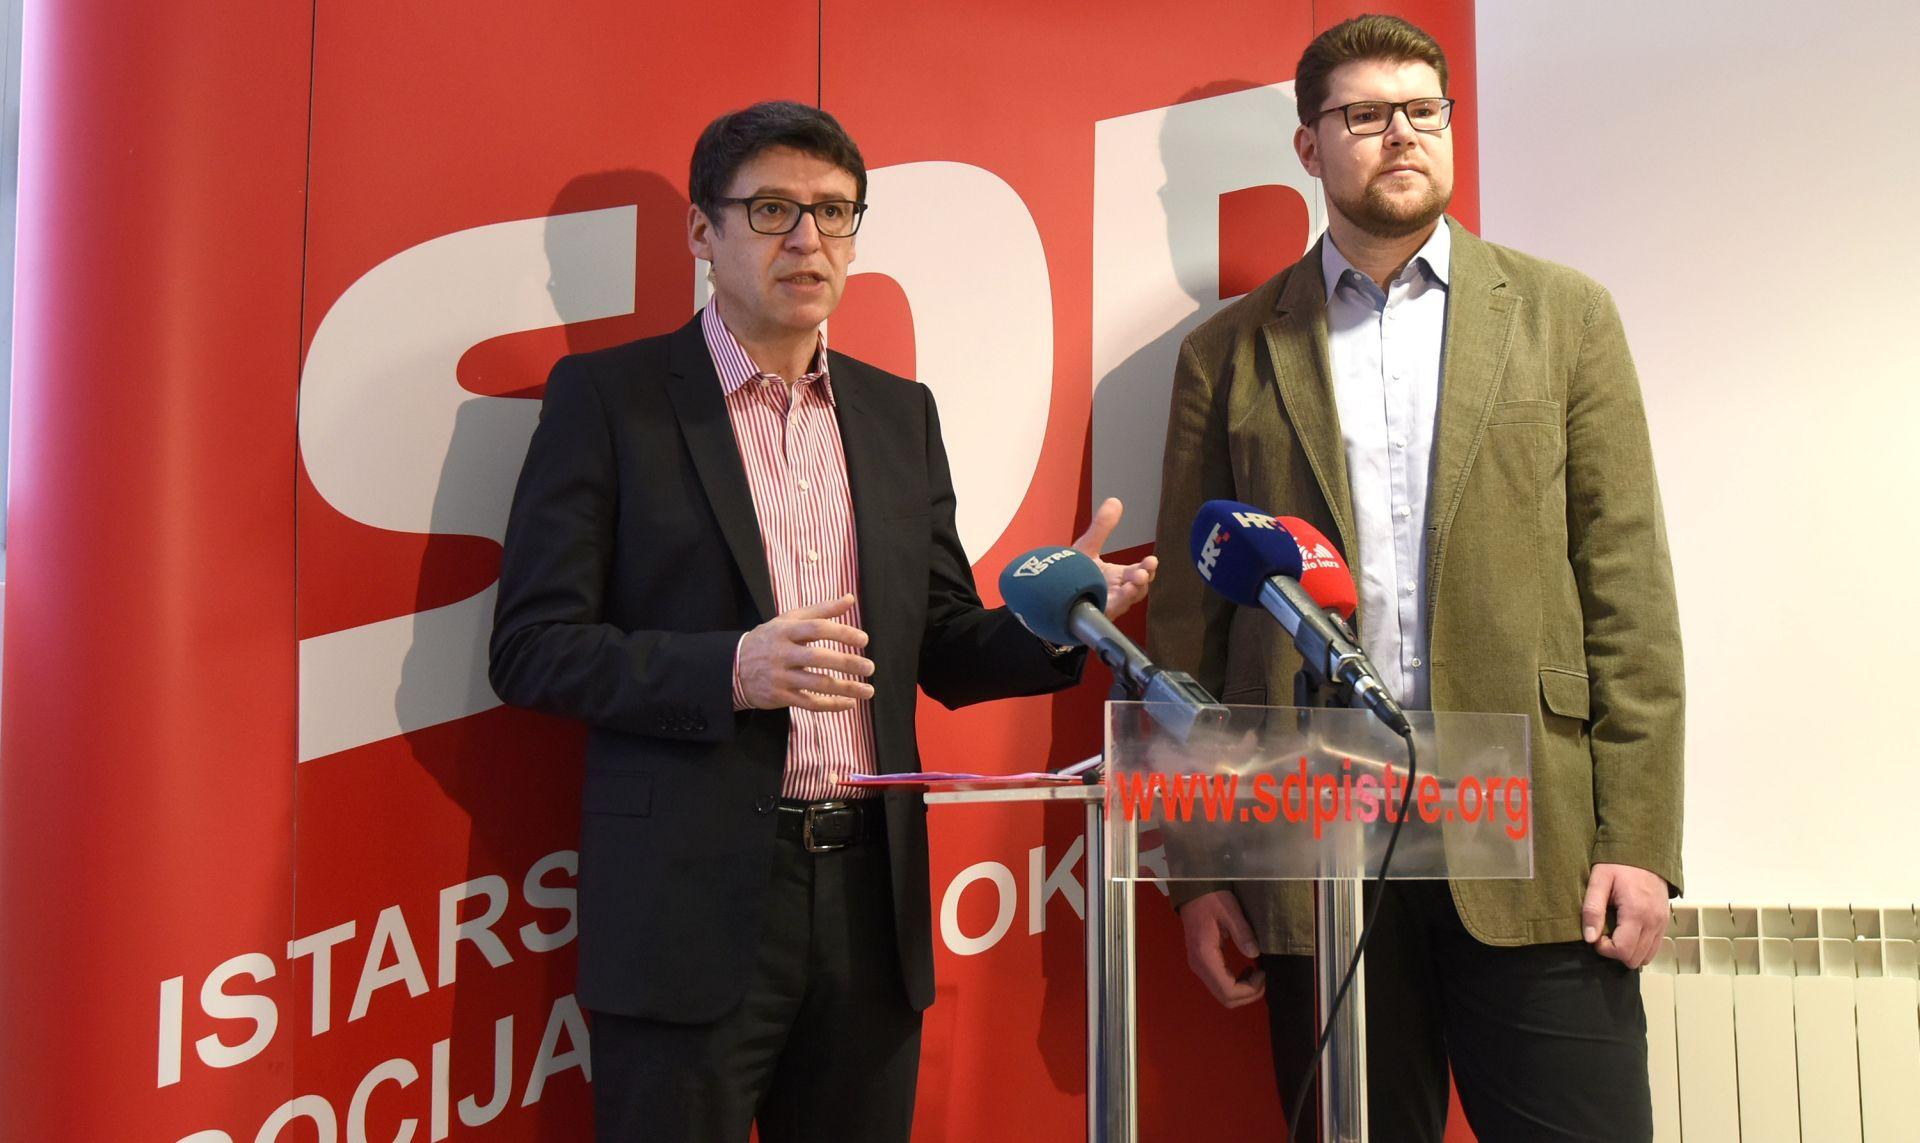 ŽELJKO JOVANOVIĆ: 'SDP je ostavio stabilnu državu koju su HDZ i Most u šest mjeseci vratili u kaos'